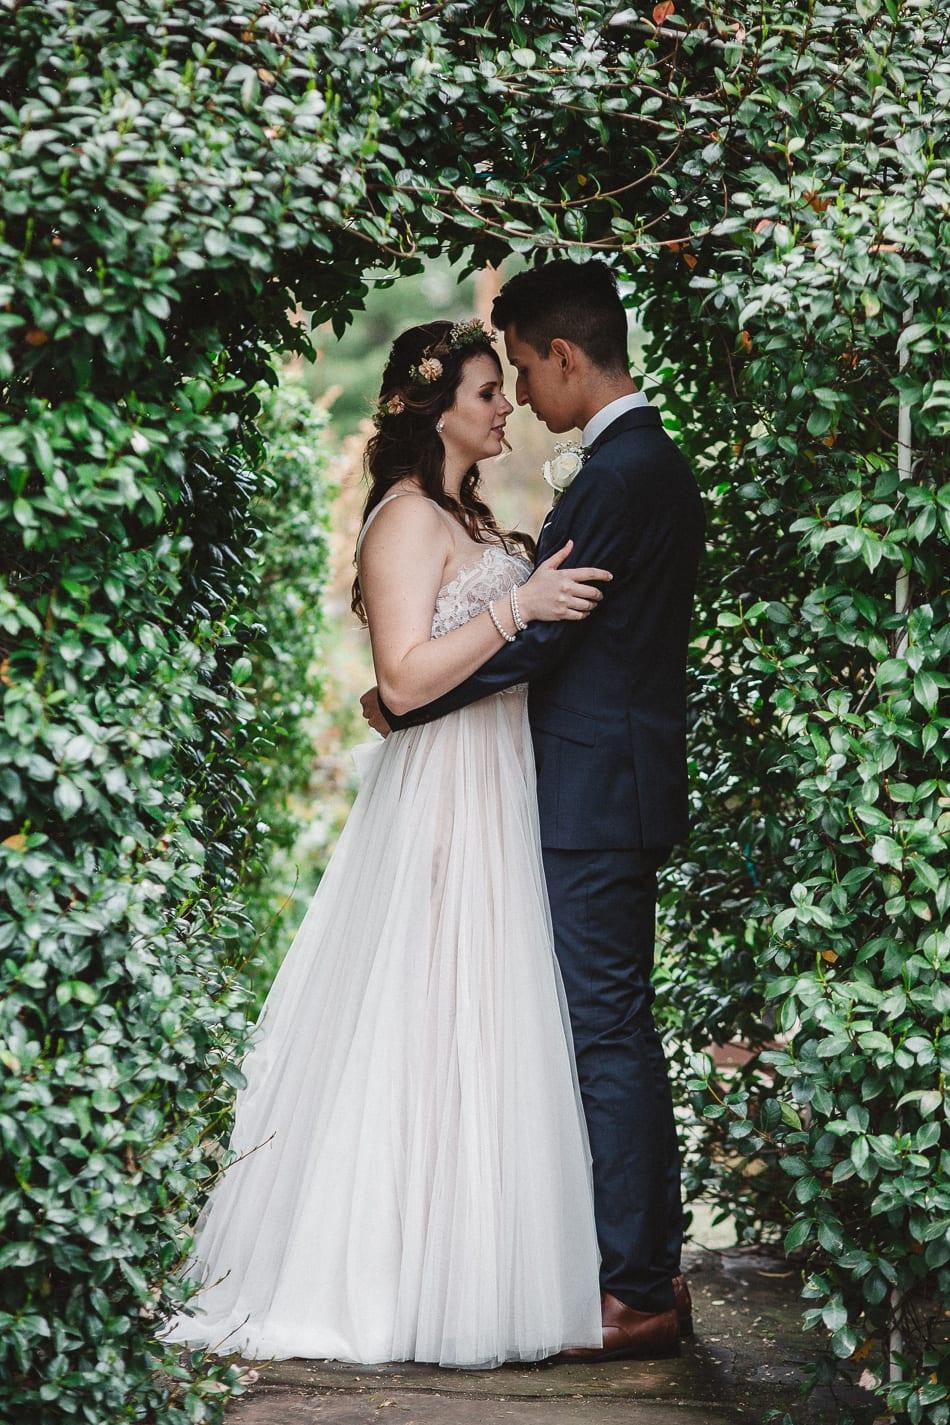 gover-ranch-redding-california-wedding-photographer-172